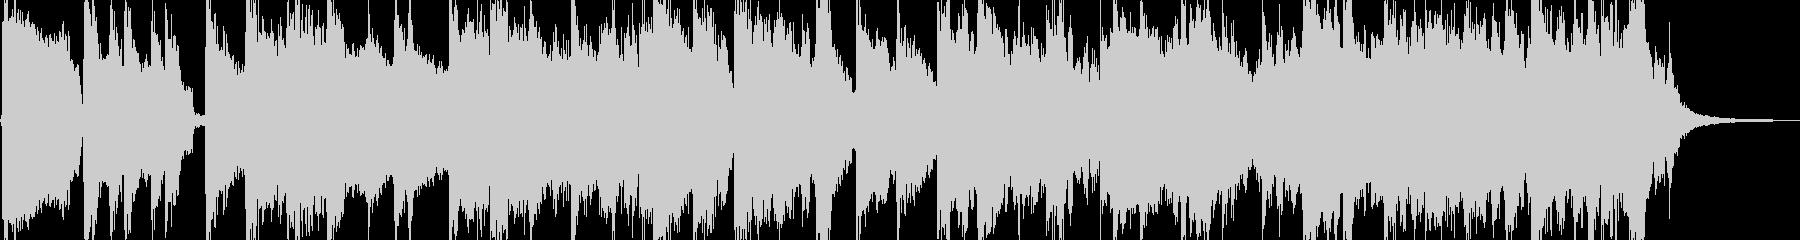 鍵盤メインの気だるいゴスペル風BGMの未再生の波形